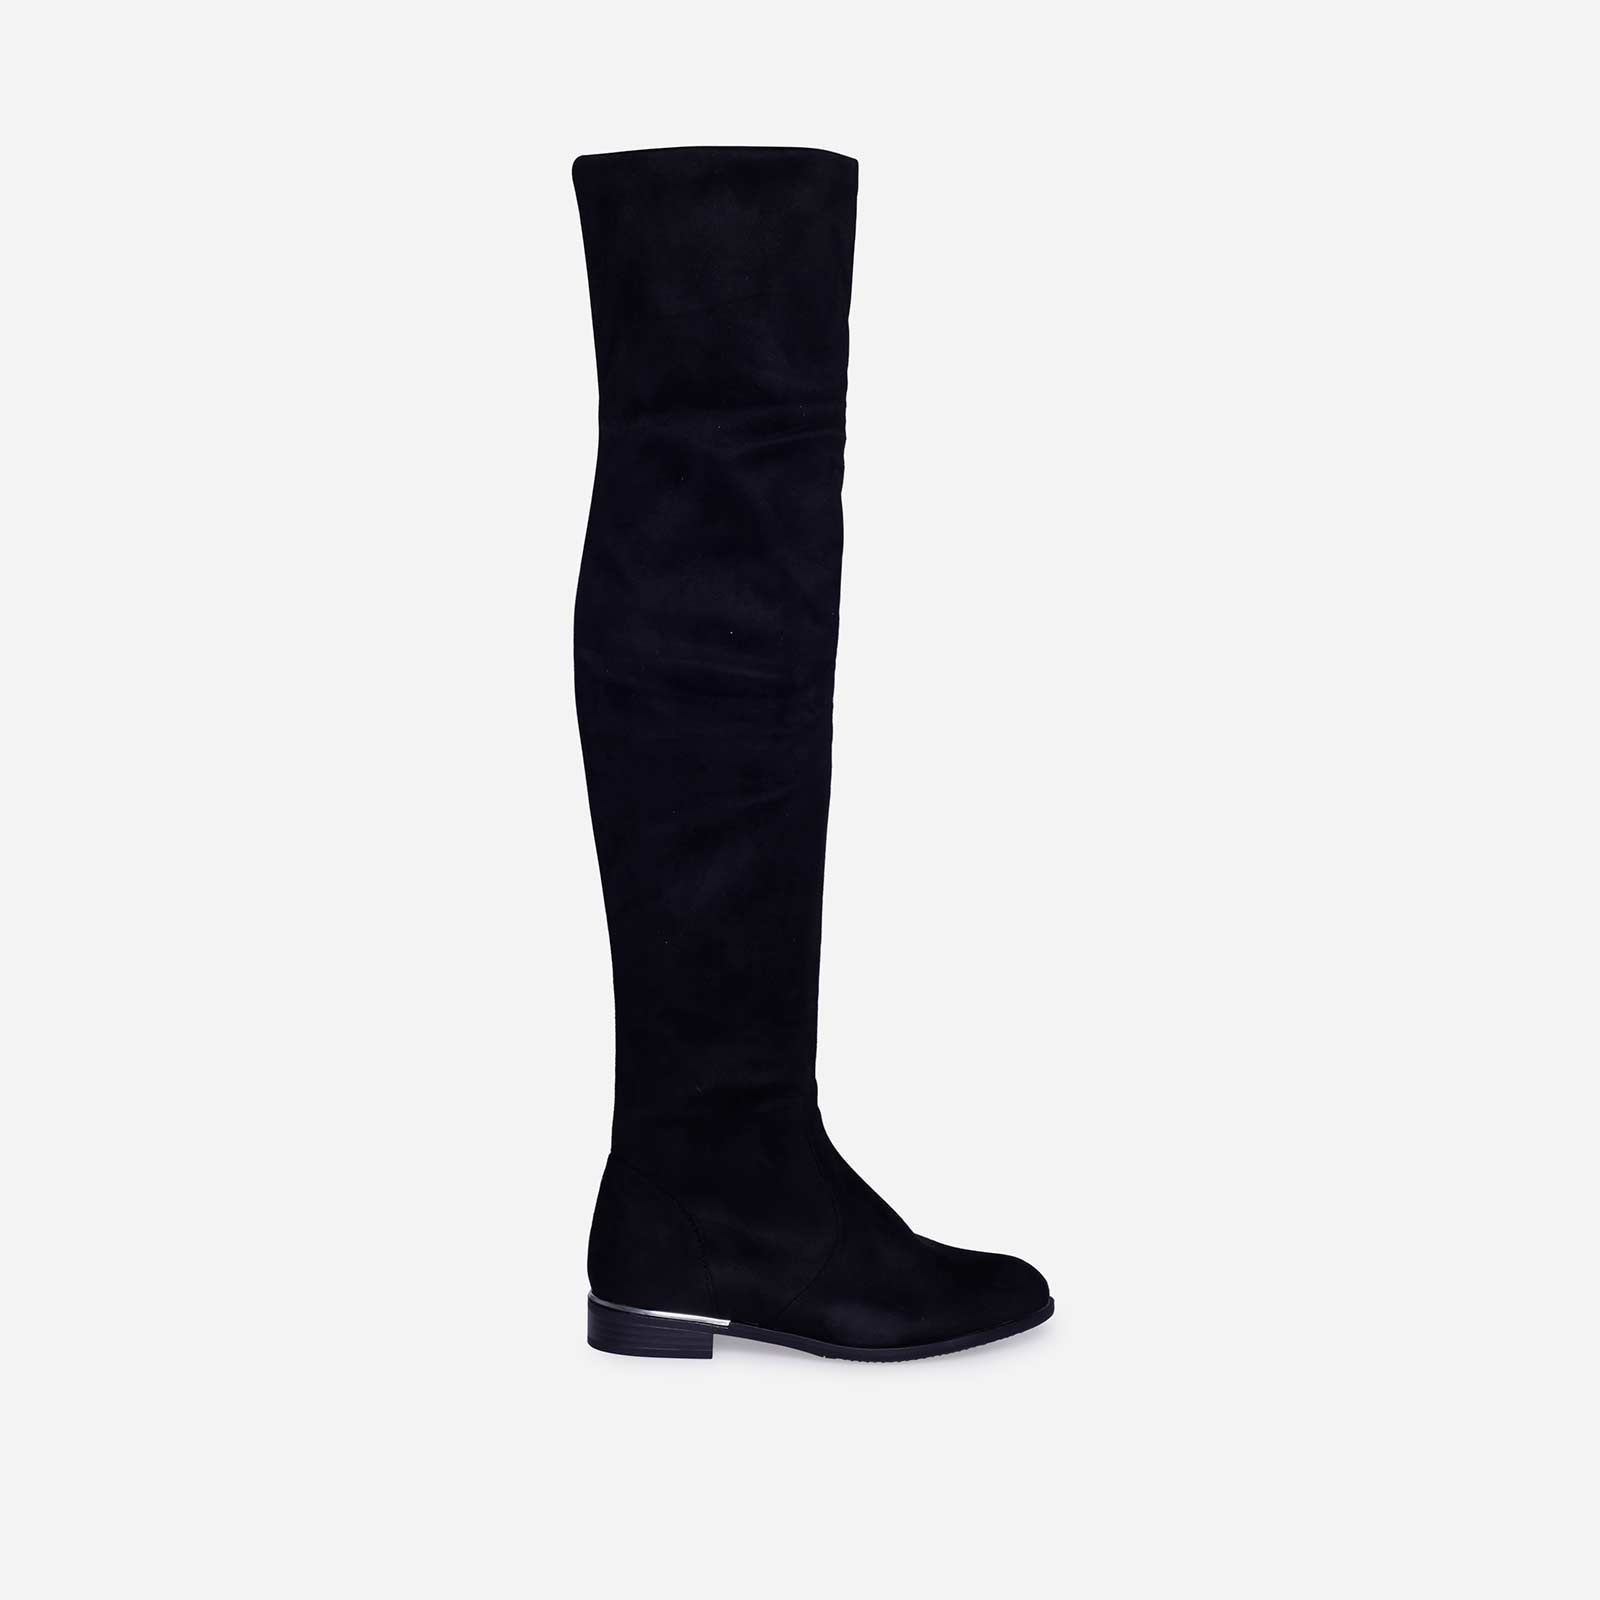 Juliet Long Boot In Black Faux Suede